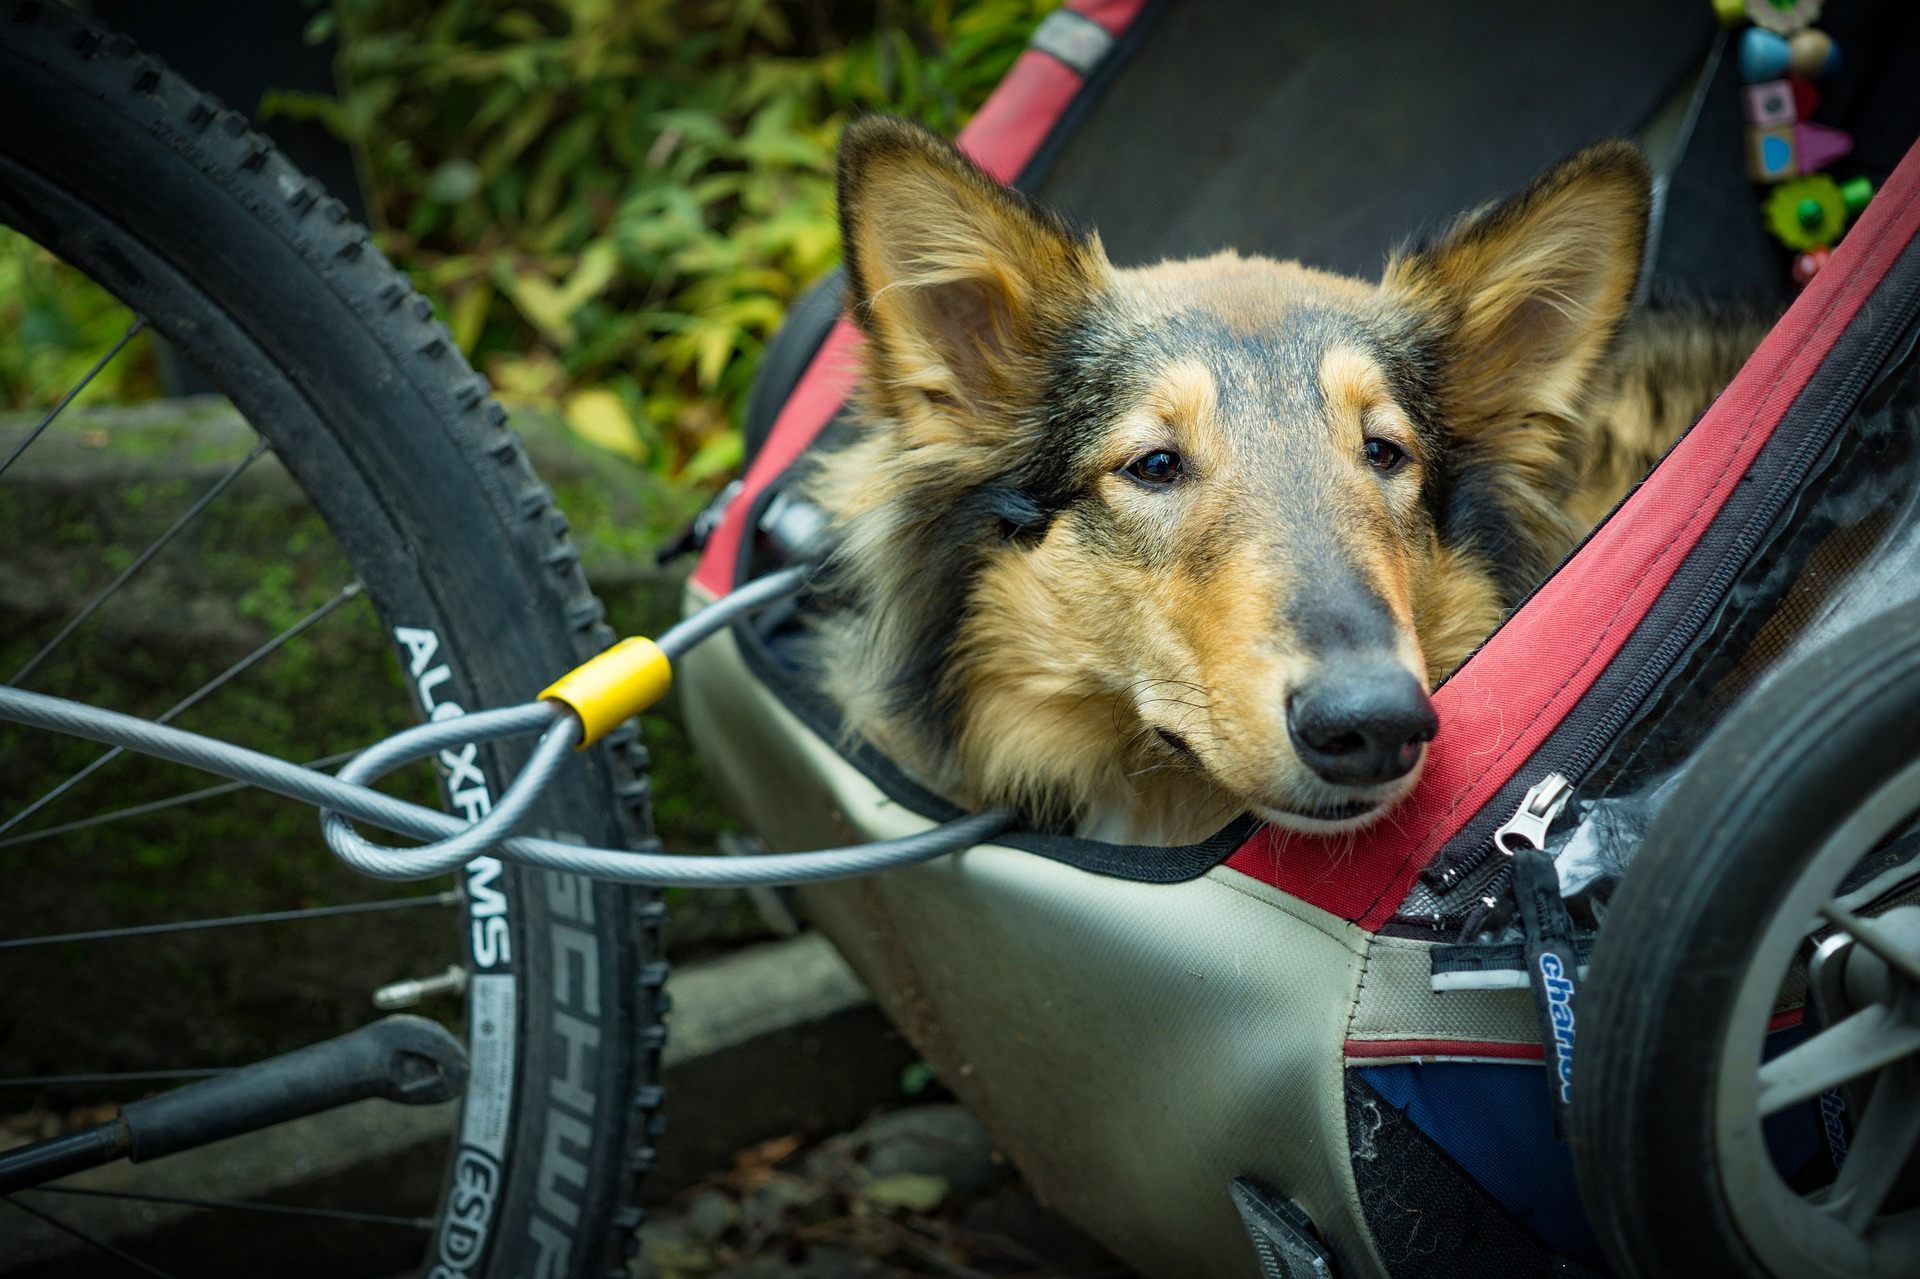 Radfahren bei gleichzeitiger Führung eines Hundes an einer Leine erhöht das Haftungsrisiko